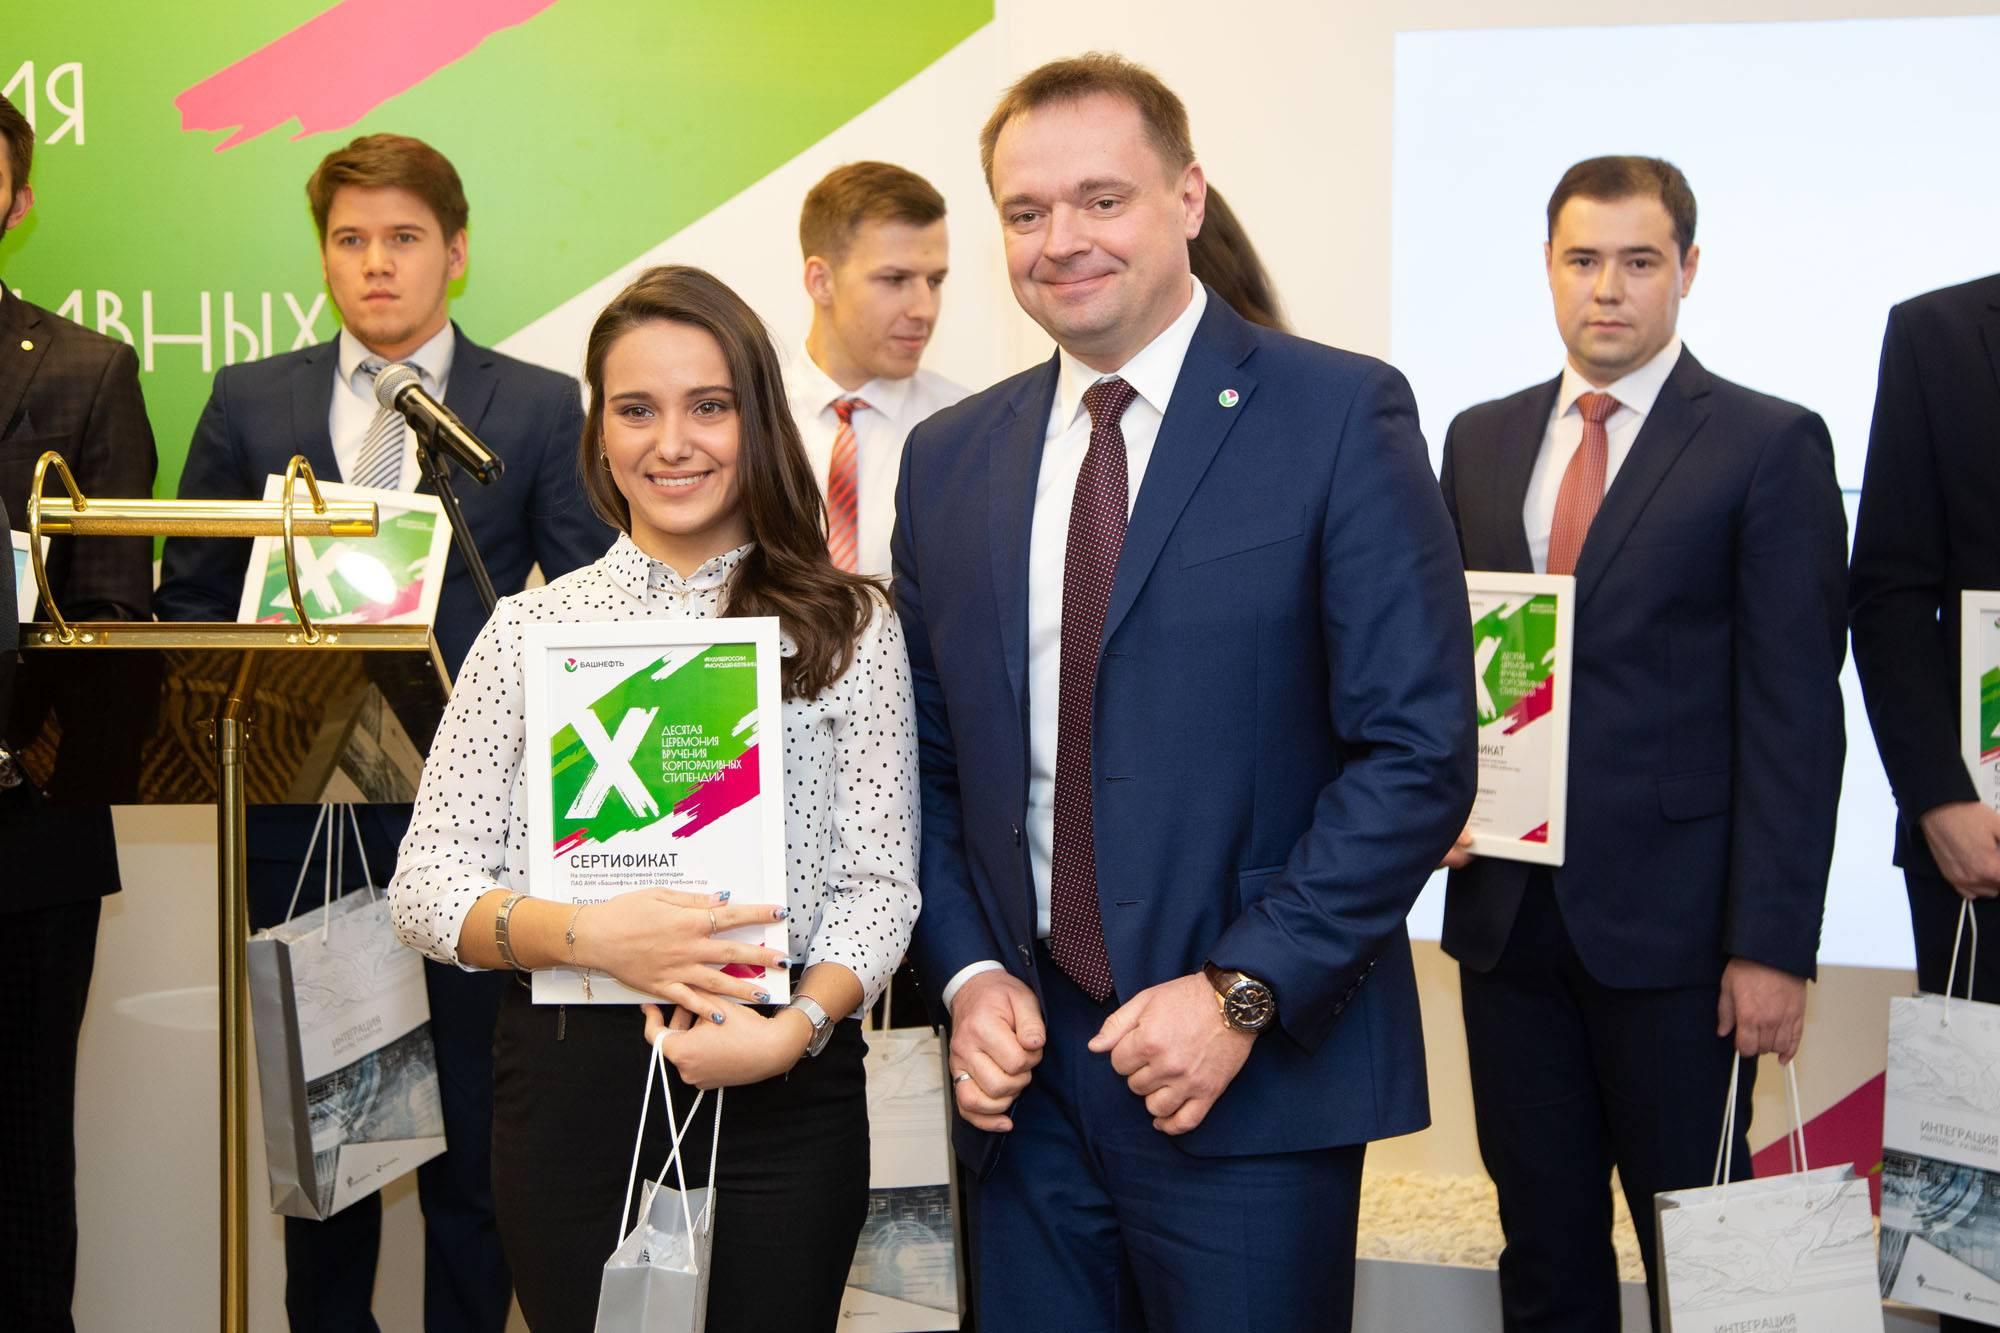 Стипендии и гранты для студентов в чехии в 2021 году